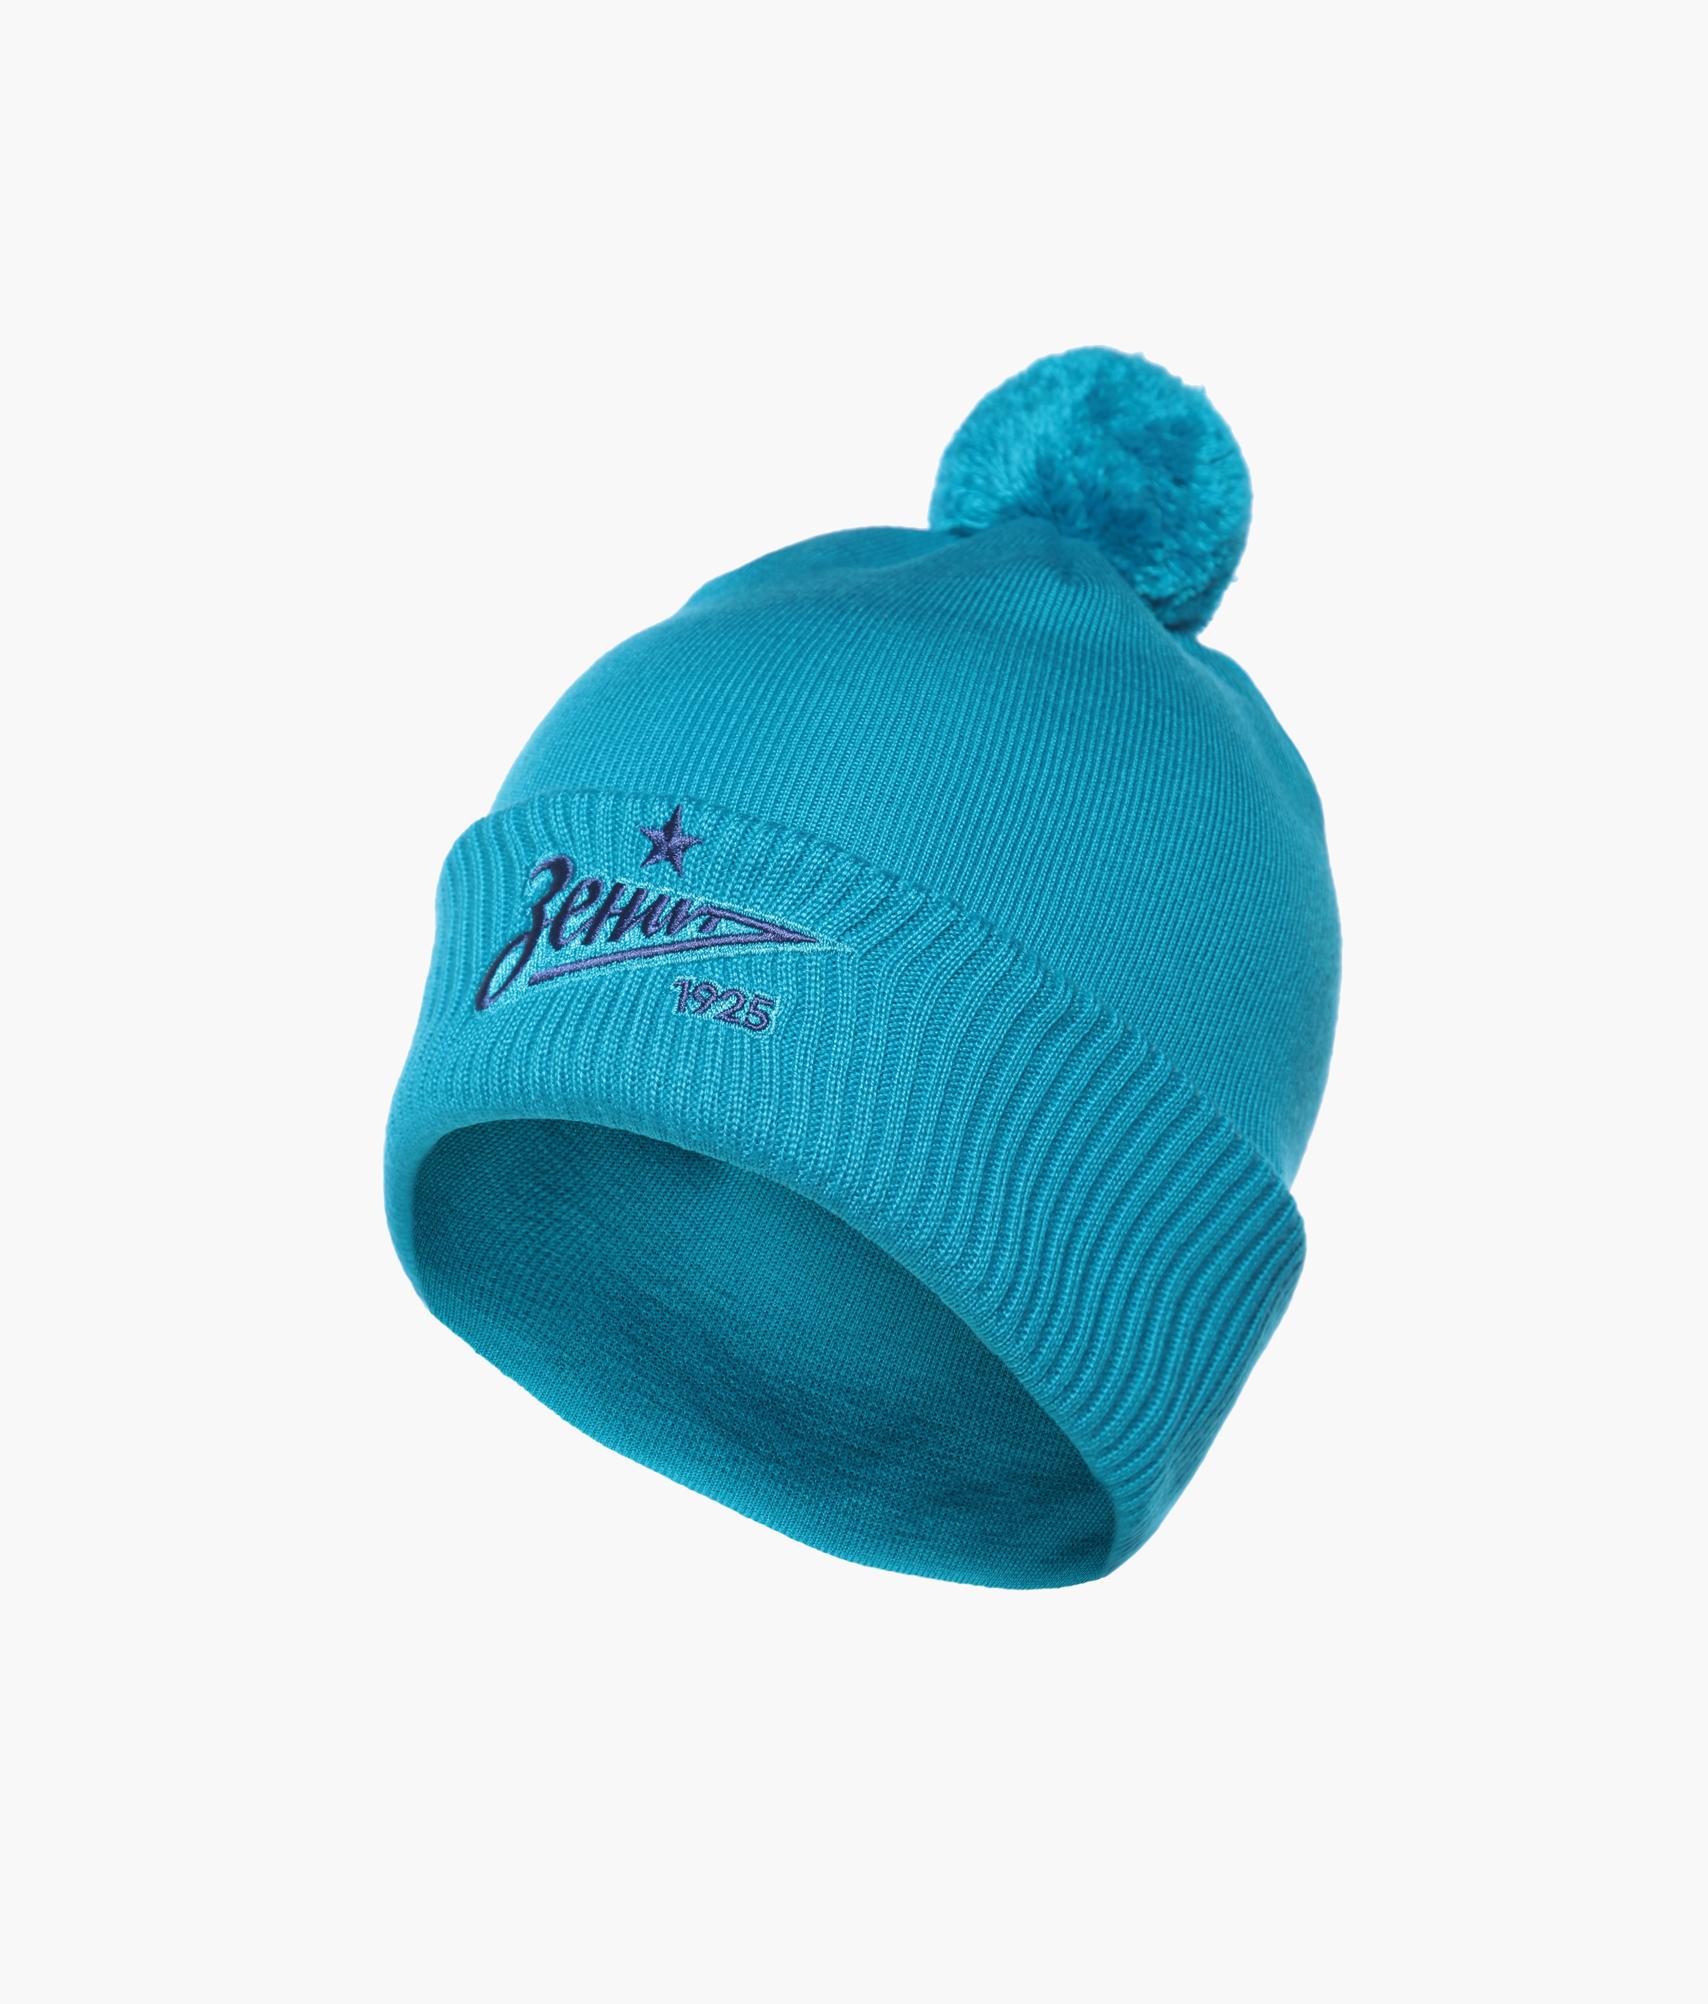 Фото - Шапка Зенит Цвет-Лазурный шапка мужская зенит